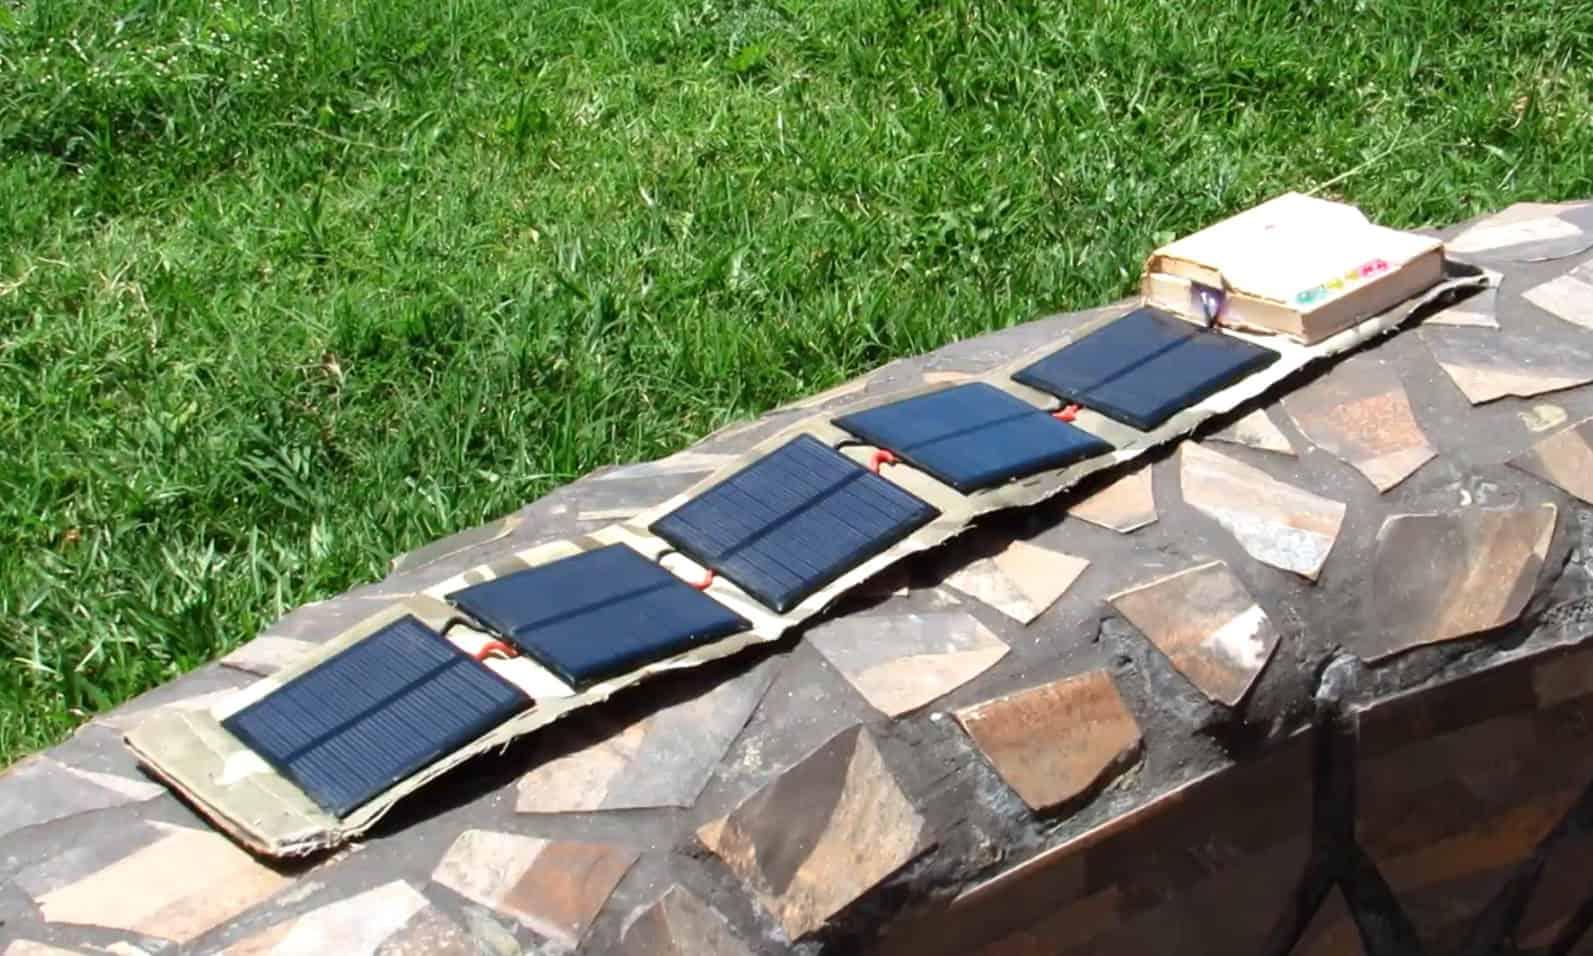 diy solar battery charger 12v